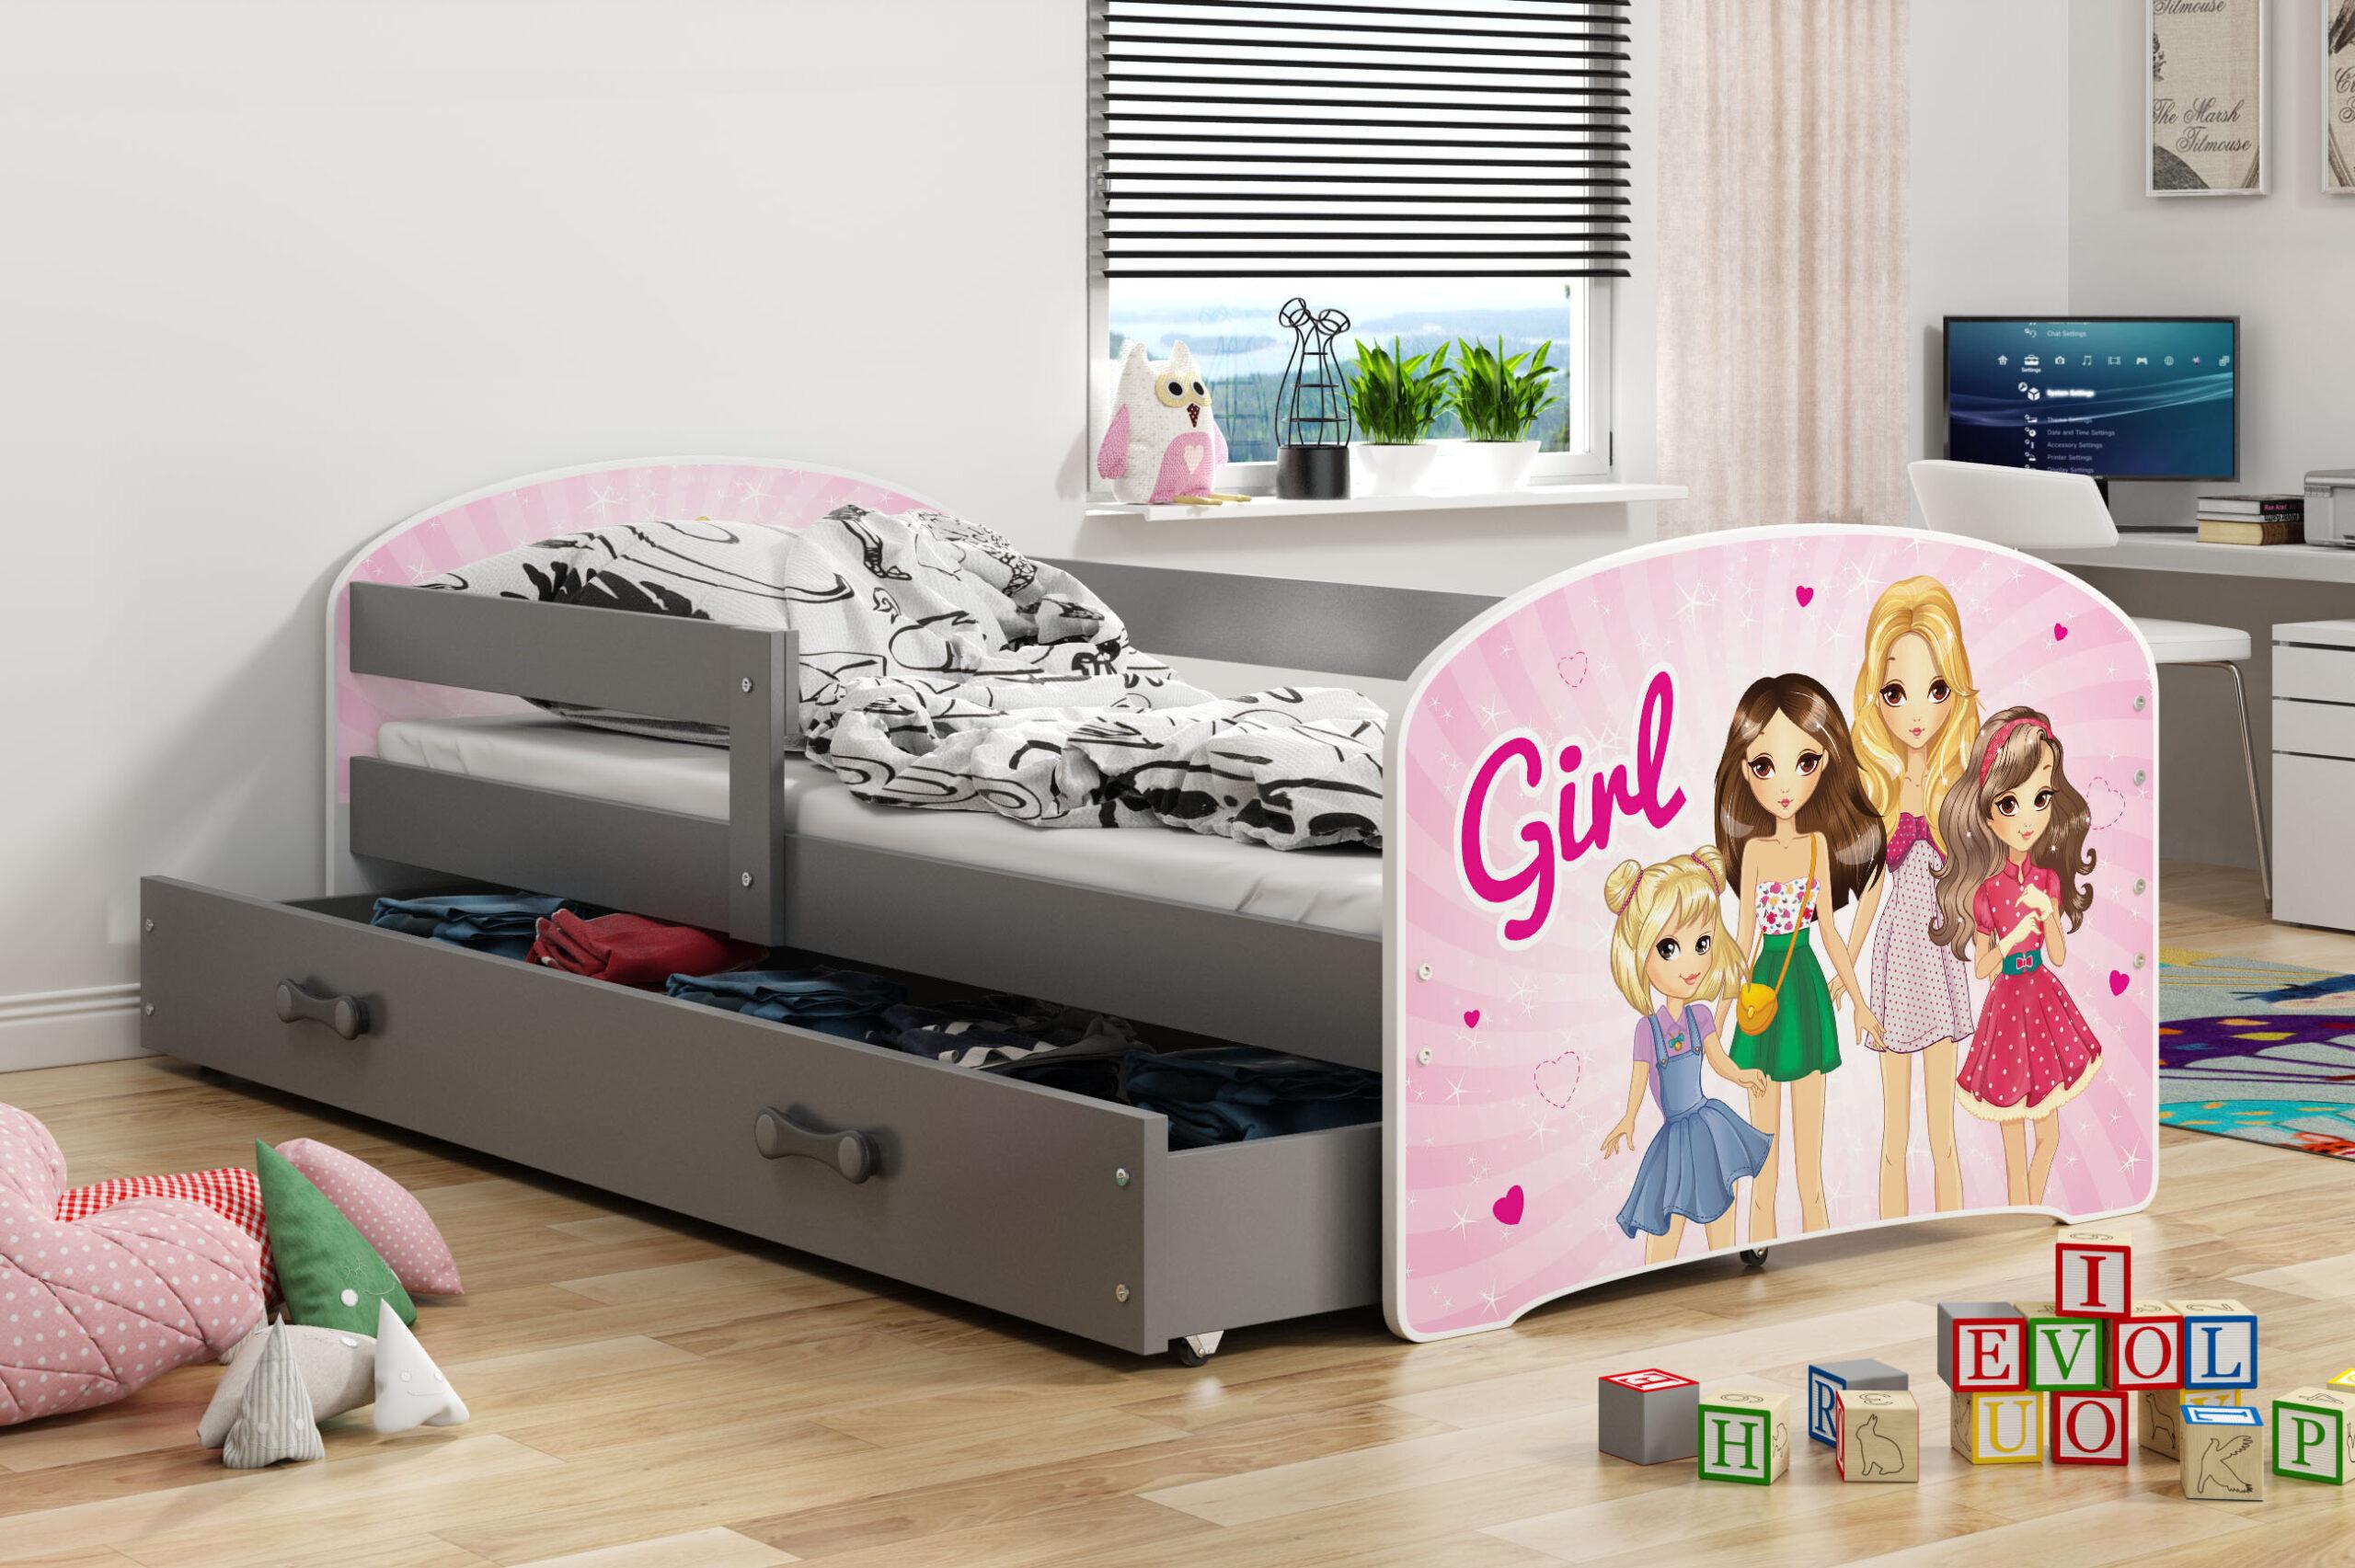 Full Size of Made Selber Bauen 2020 02 27 Wohnzimmer Kinderbett Diy